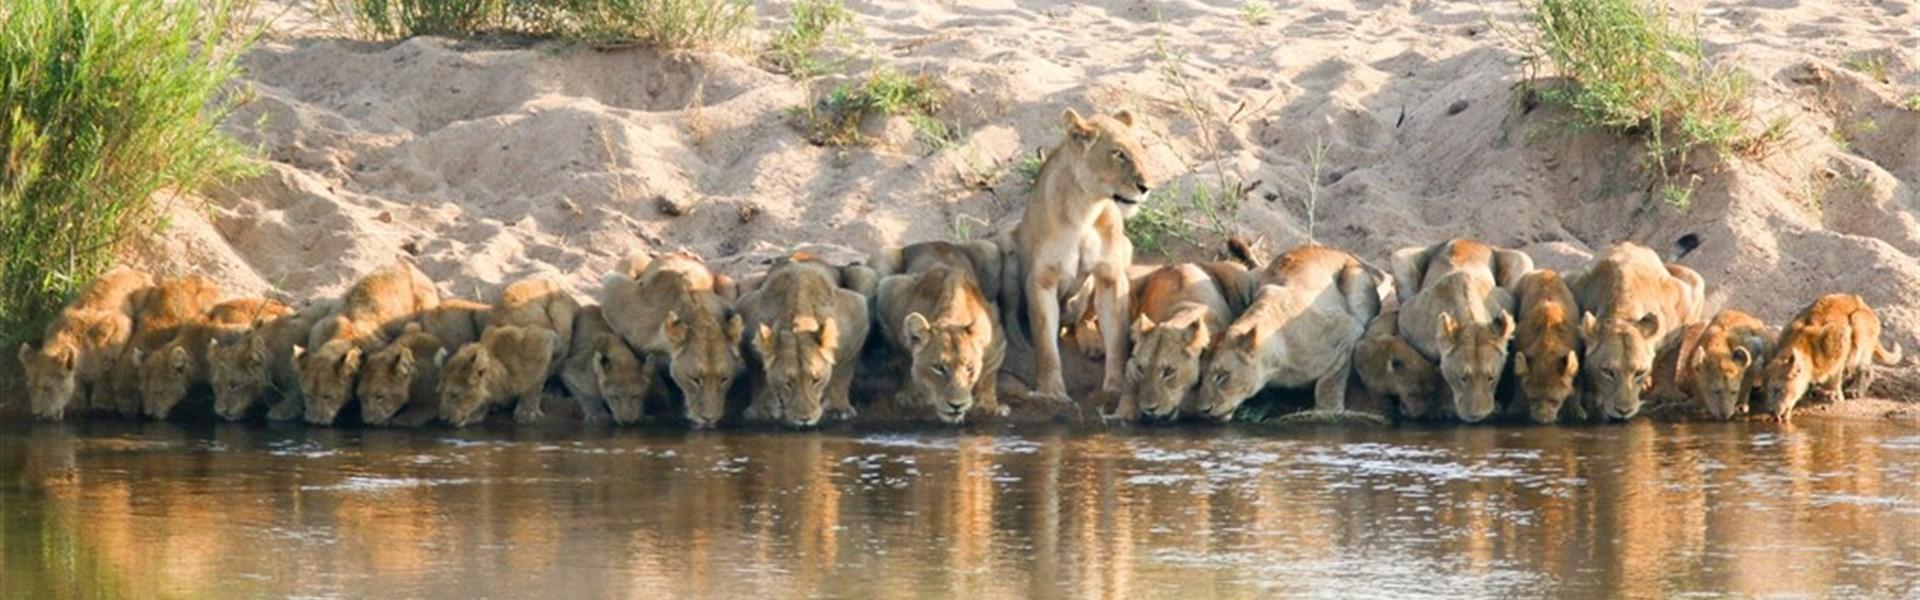 Po vlastní ose - Luxusní safari v Krugerově národním parku - Safari v Krugerově národním parku s Marco Polo